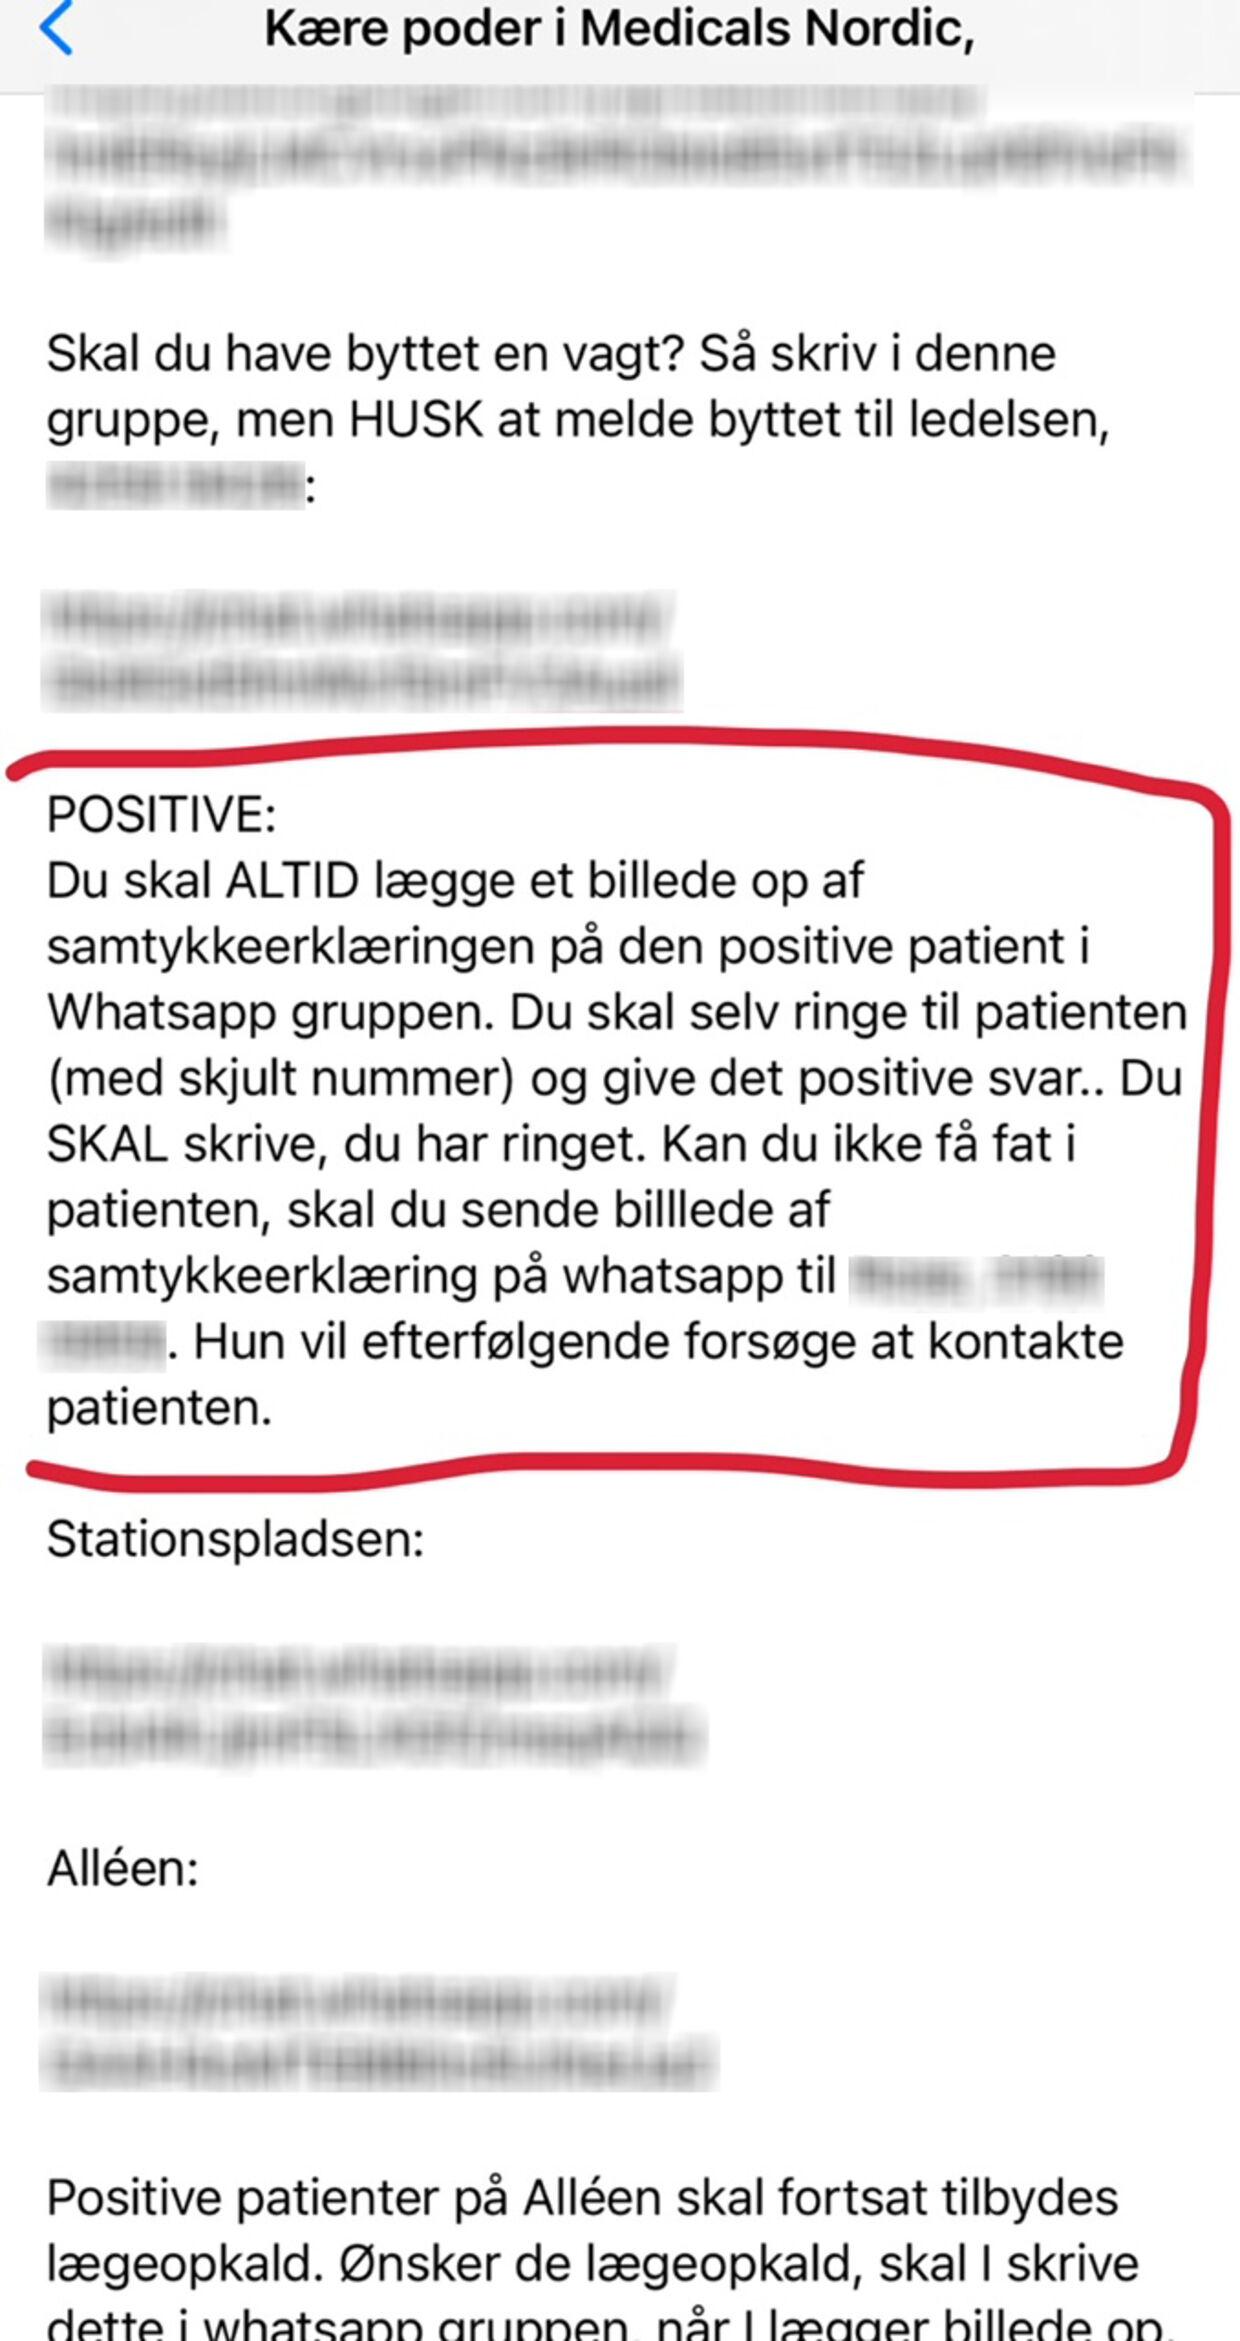 Sms fra ledelsen på det givne Medicals Nordic-testcenter, hvor poderne bliver instrueret i at lægge billeder af oplysningerne ind i WhatsApp-gruppen. Nedenunder er invitationslink til et par af grupperne sløret.